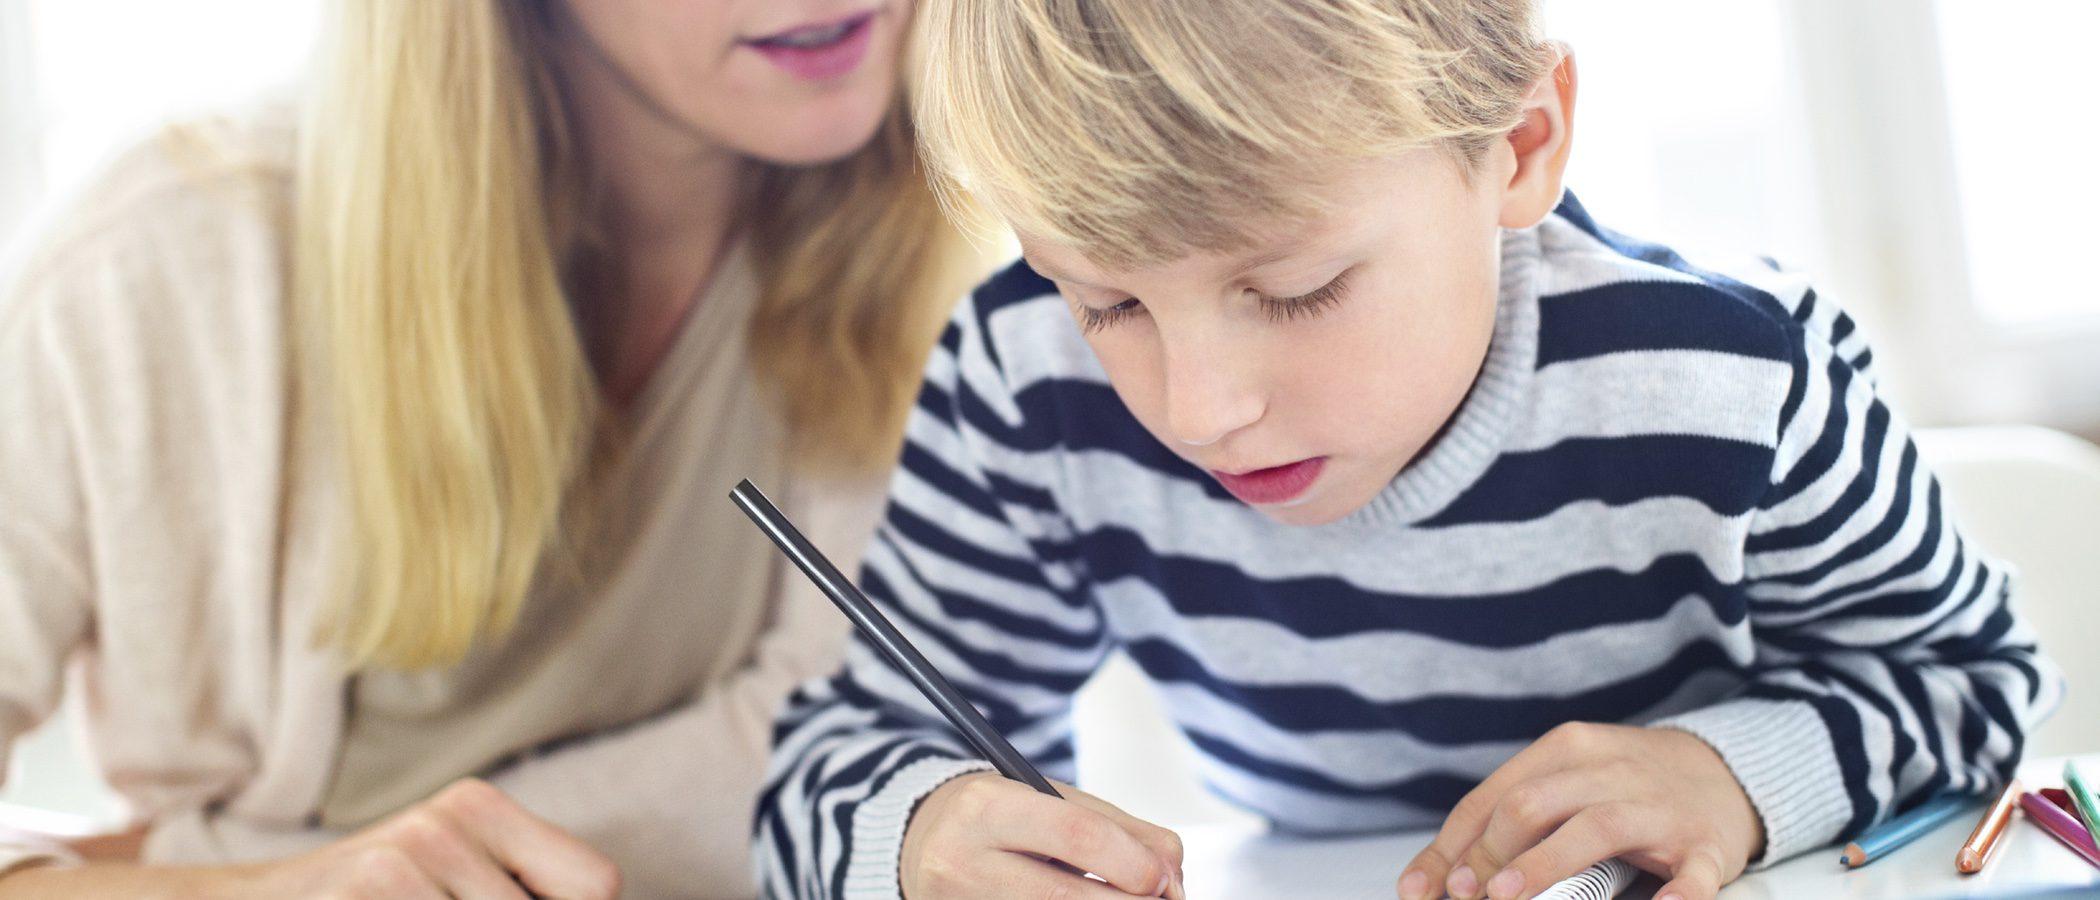 Mis hijos me piden ayuda con los deberes y no sé cómo hacerlo